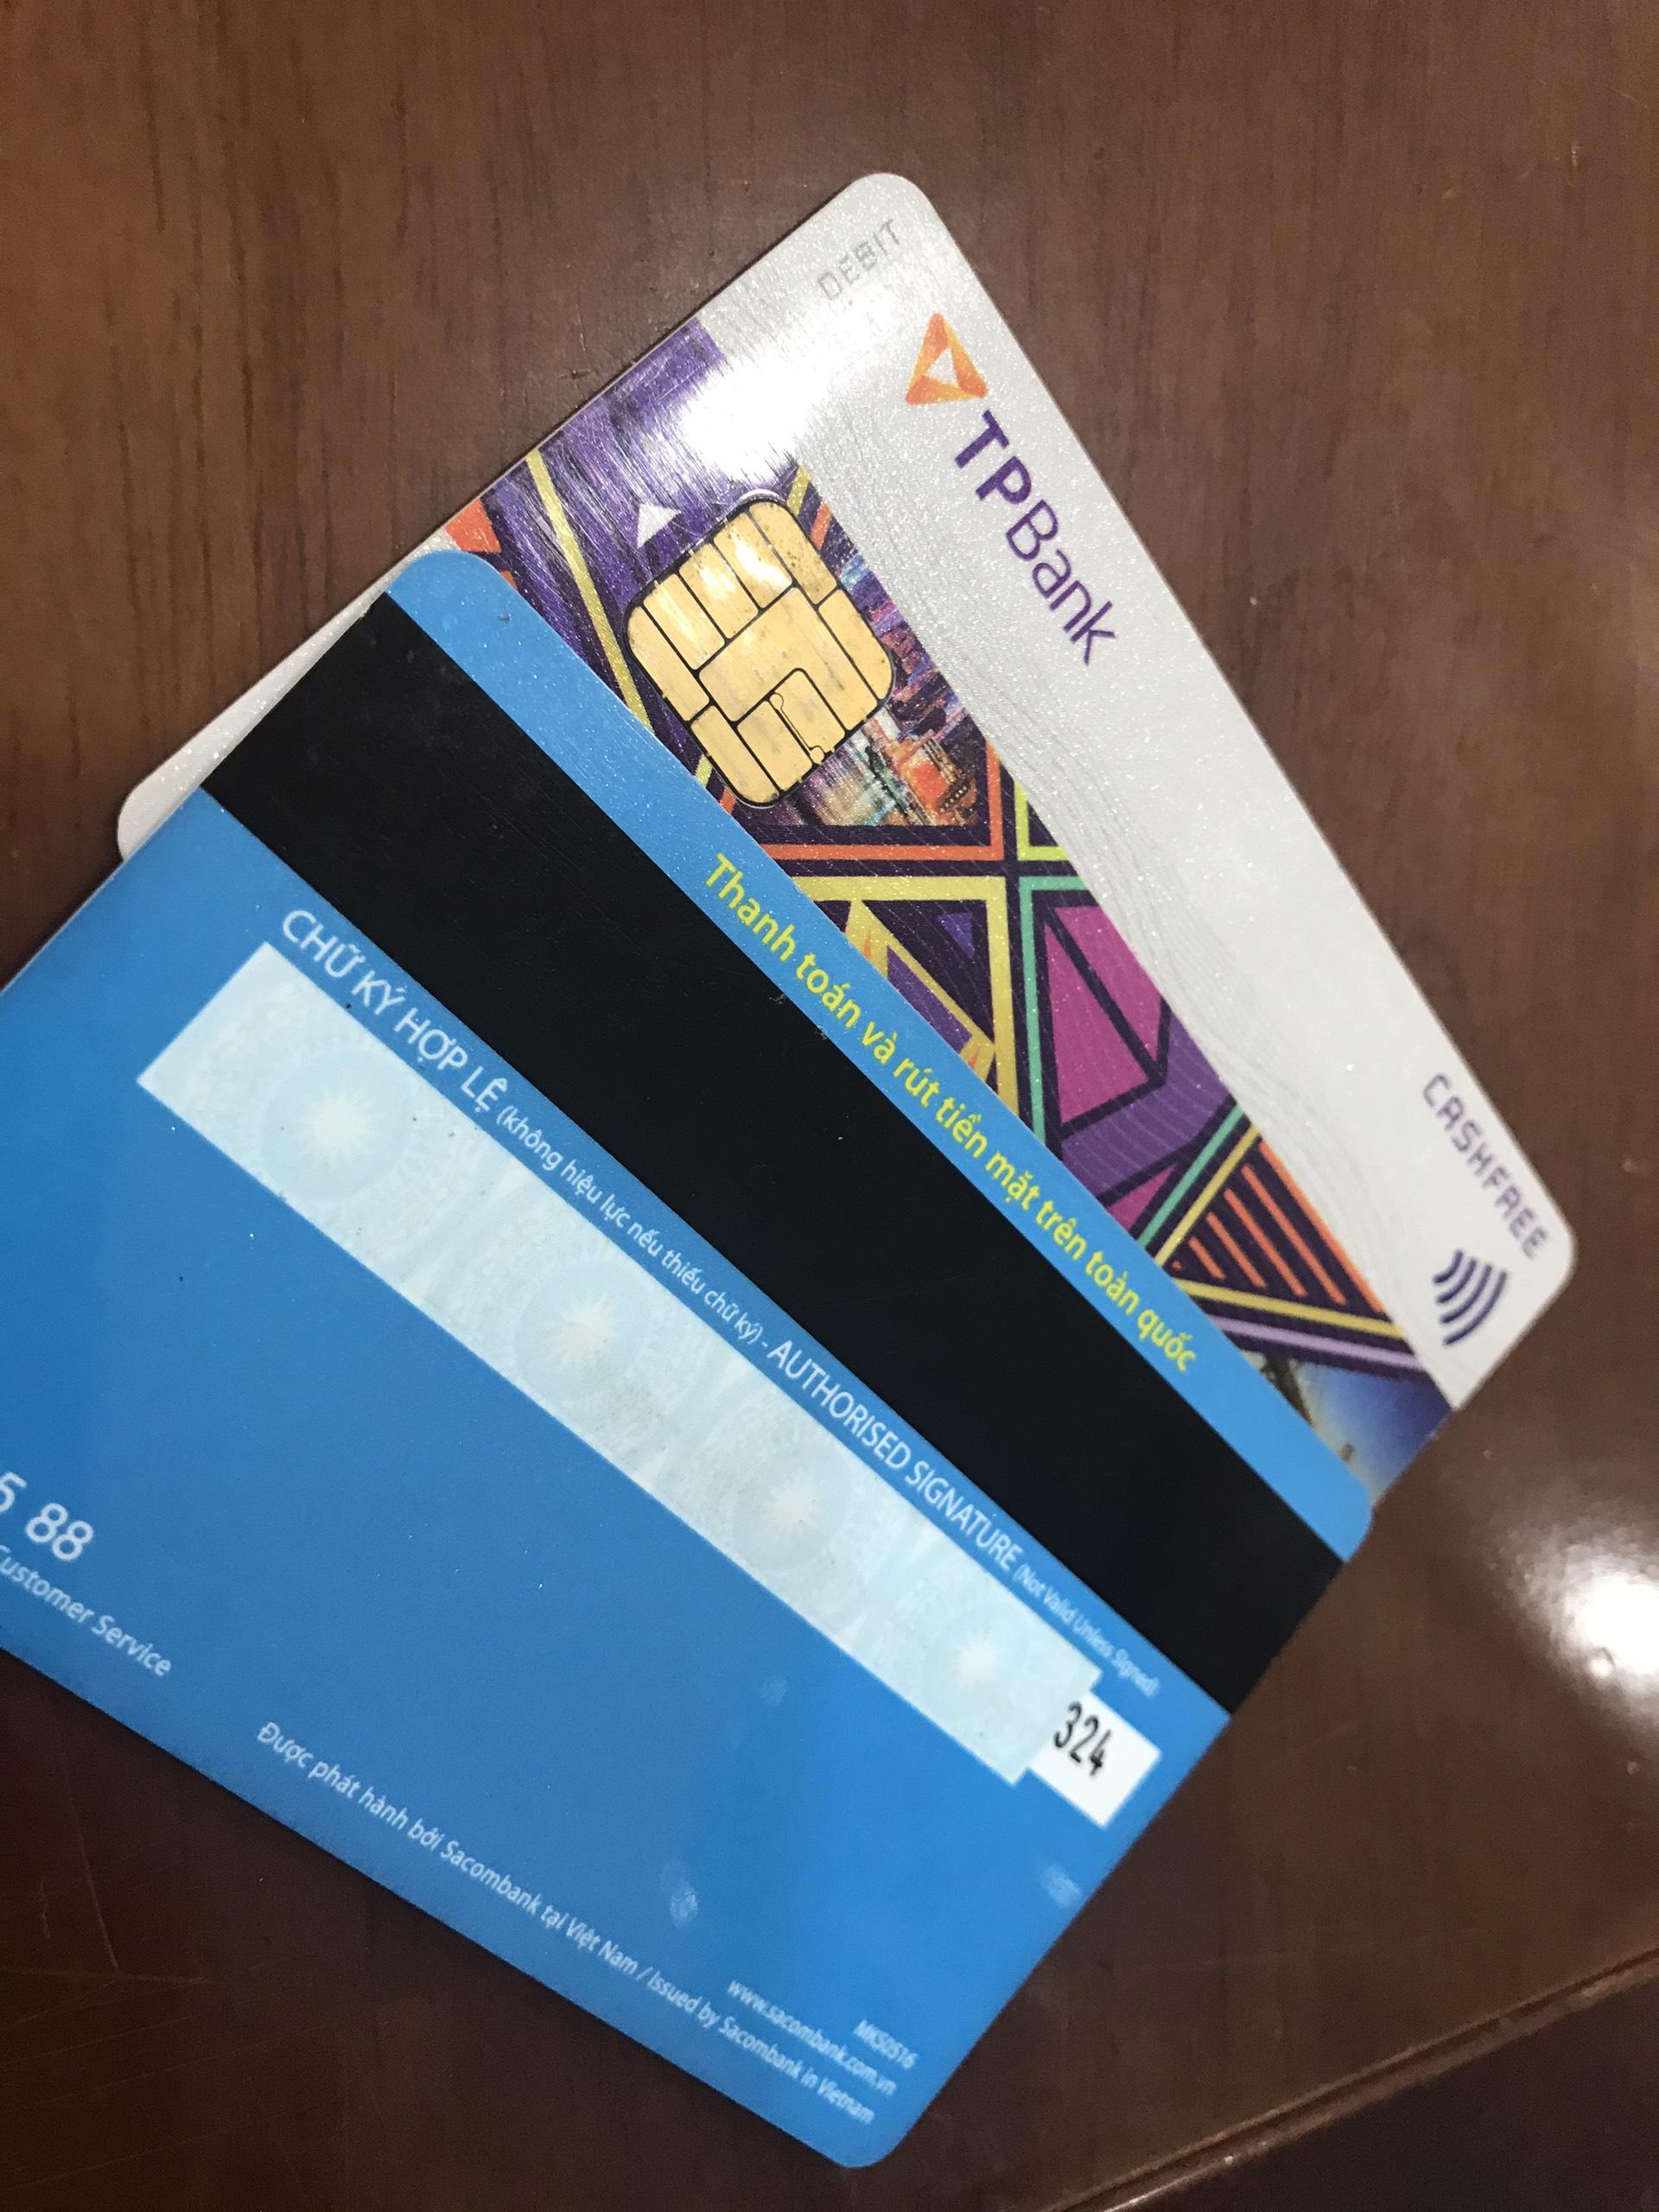 thẻ ngân hàng làm bằng chất liệu gì